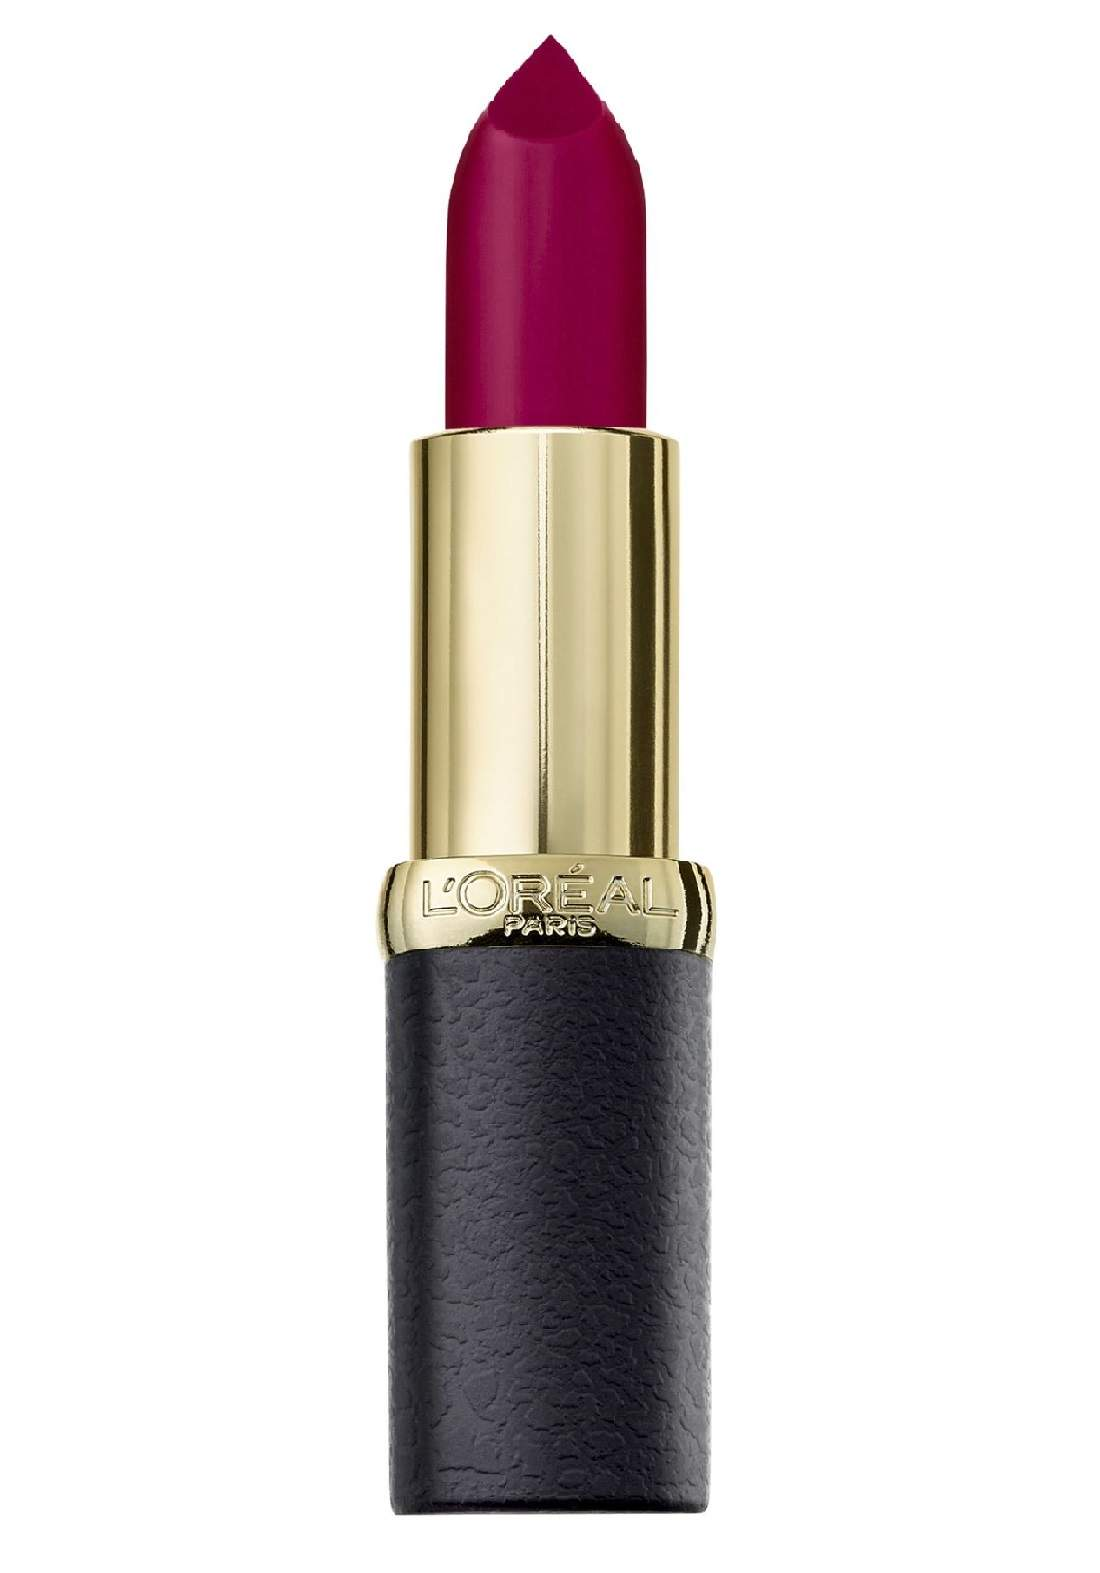 L'Oréal Paris Color Riche Matte Lipstick, 463 Plum Tuxedo (027-0857) احمر شفاه